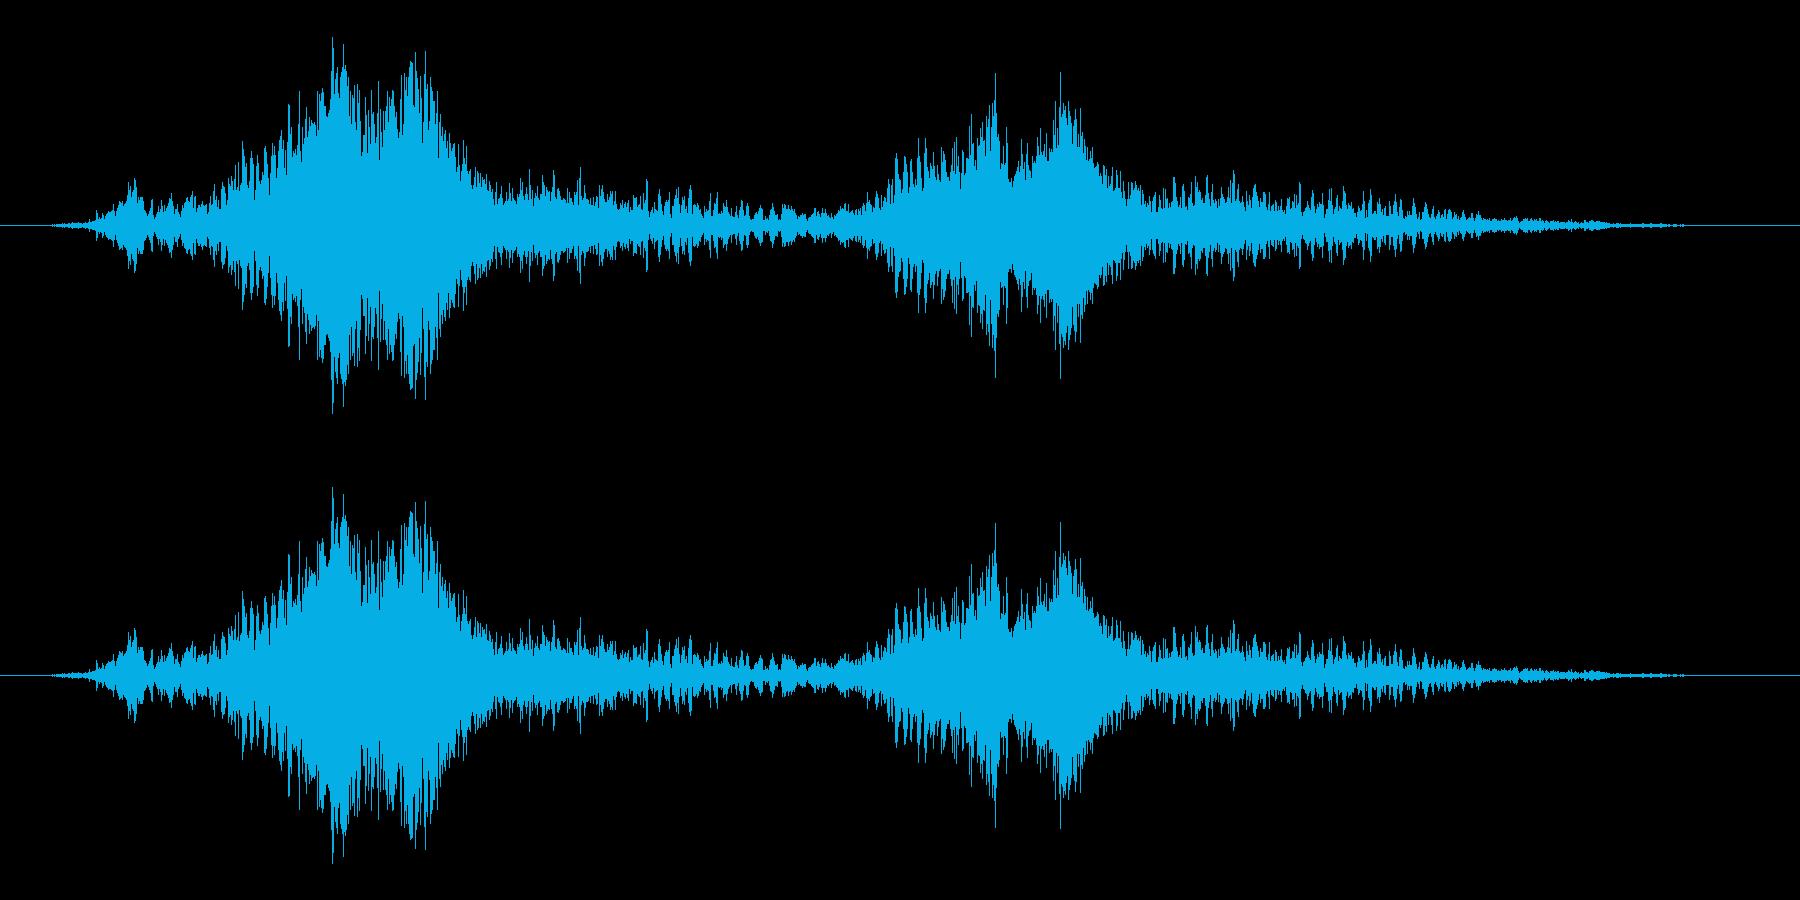 シャキーンボウッ(2回炎の剣を振った音)の再生済みの波形